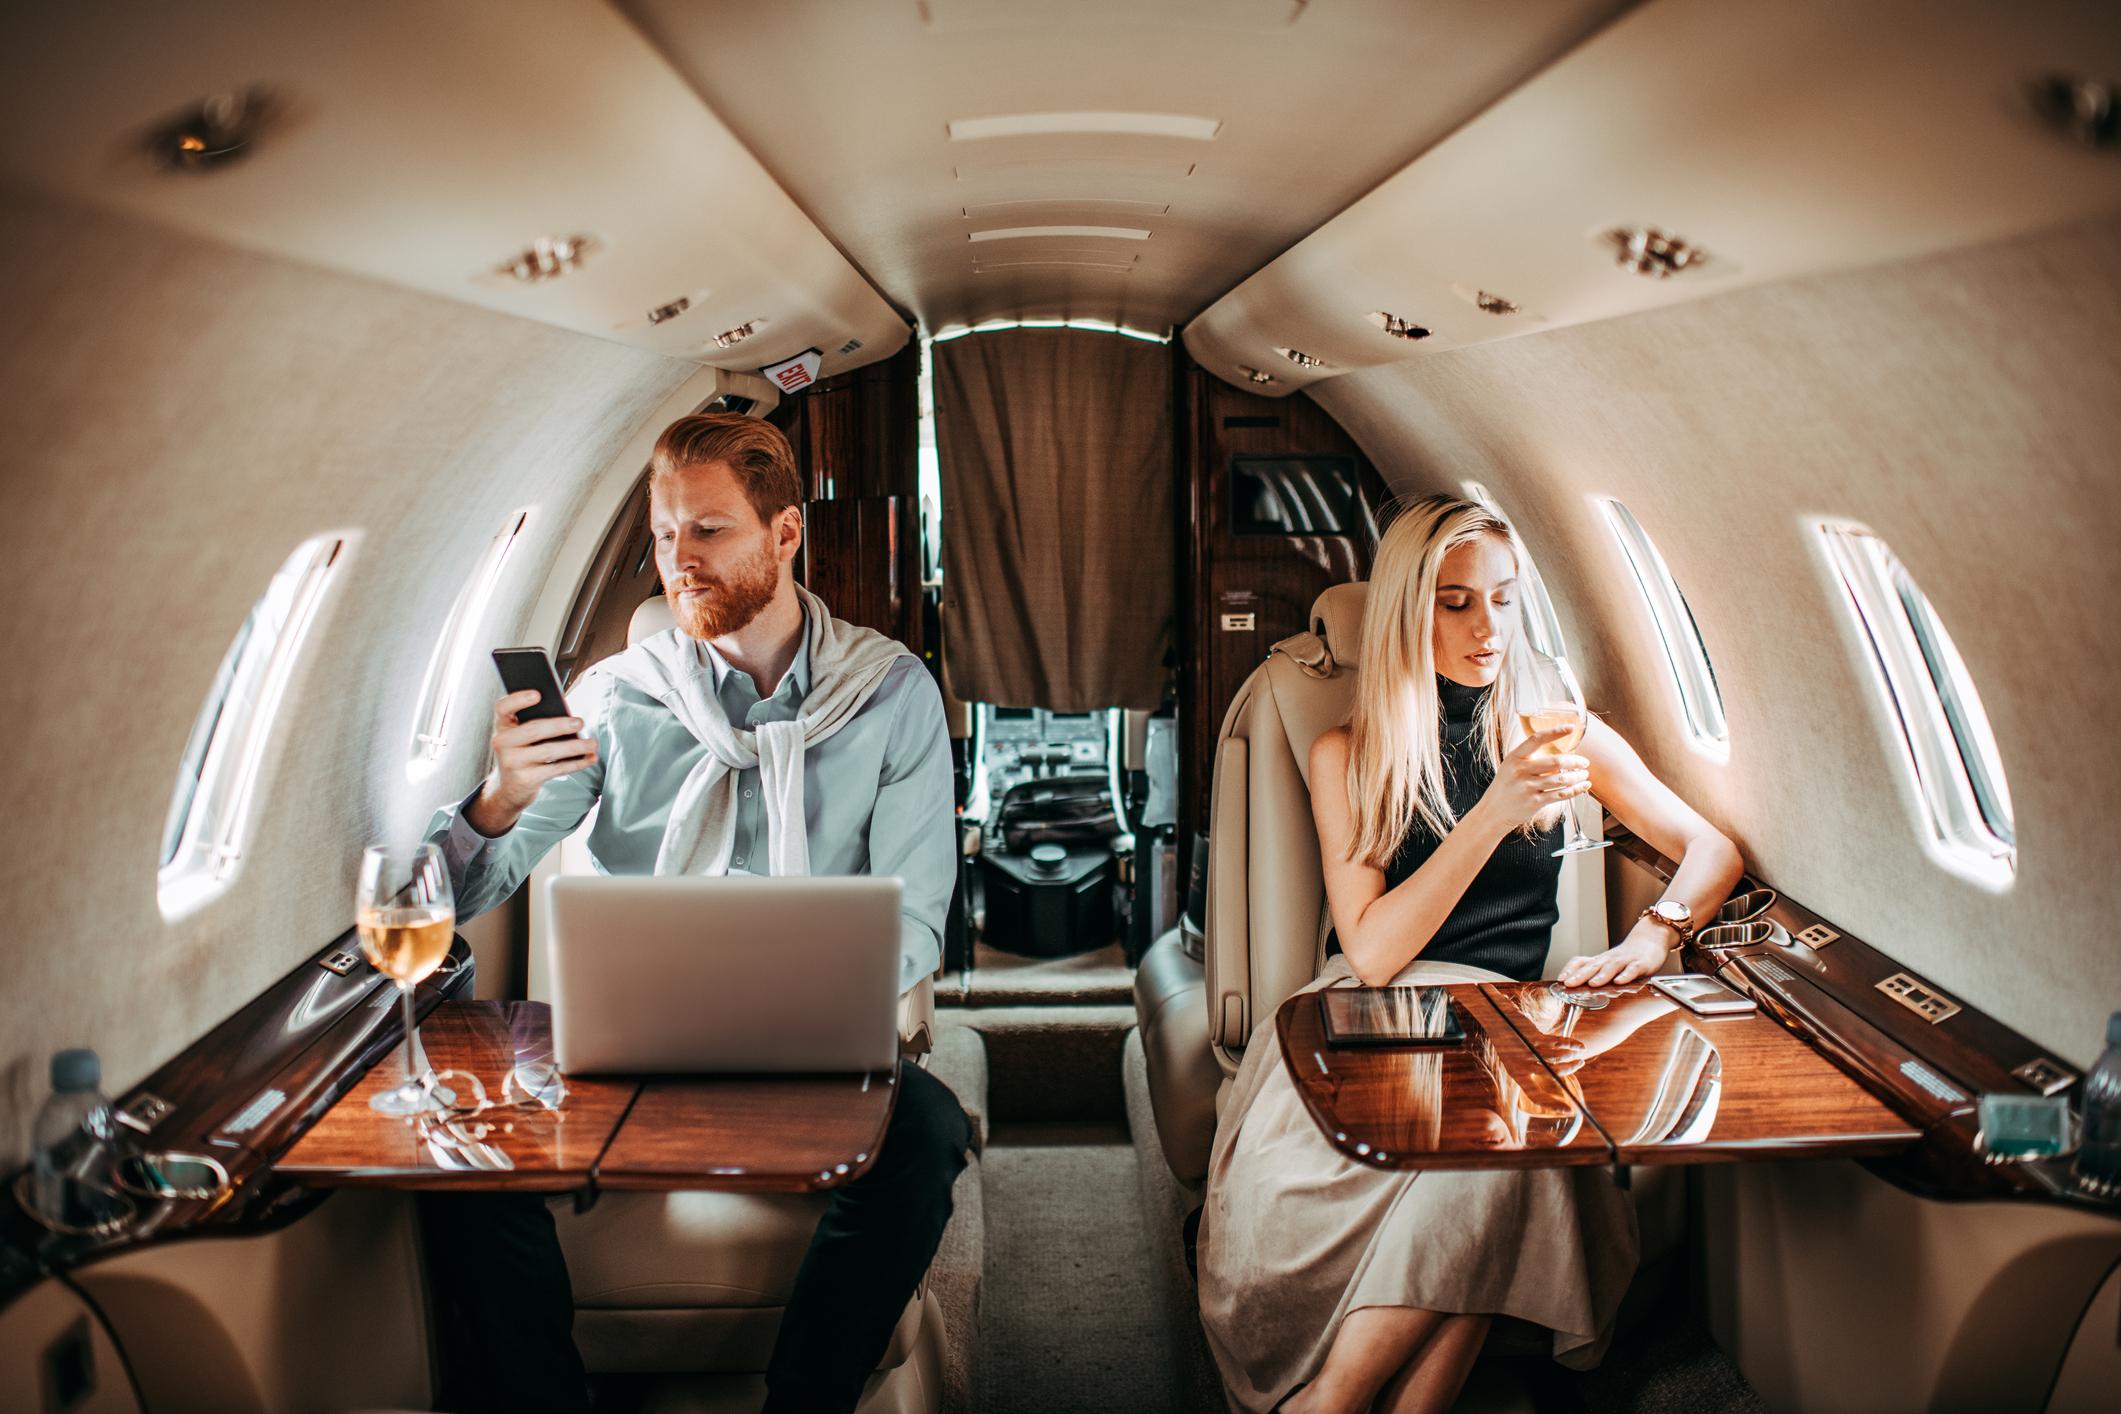 coppia in aereo privato